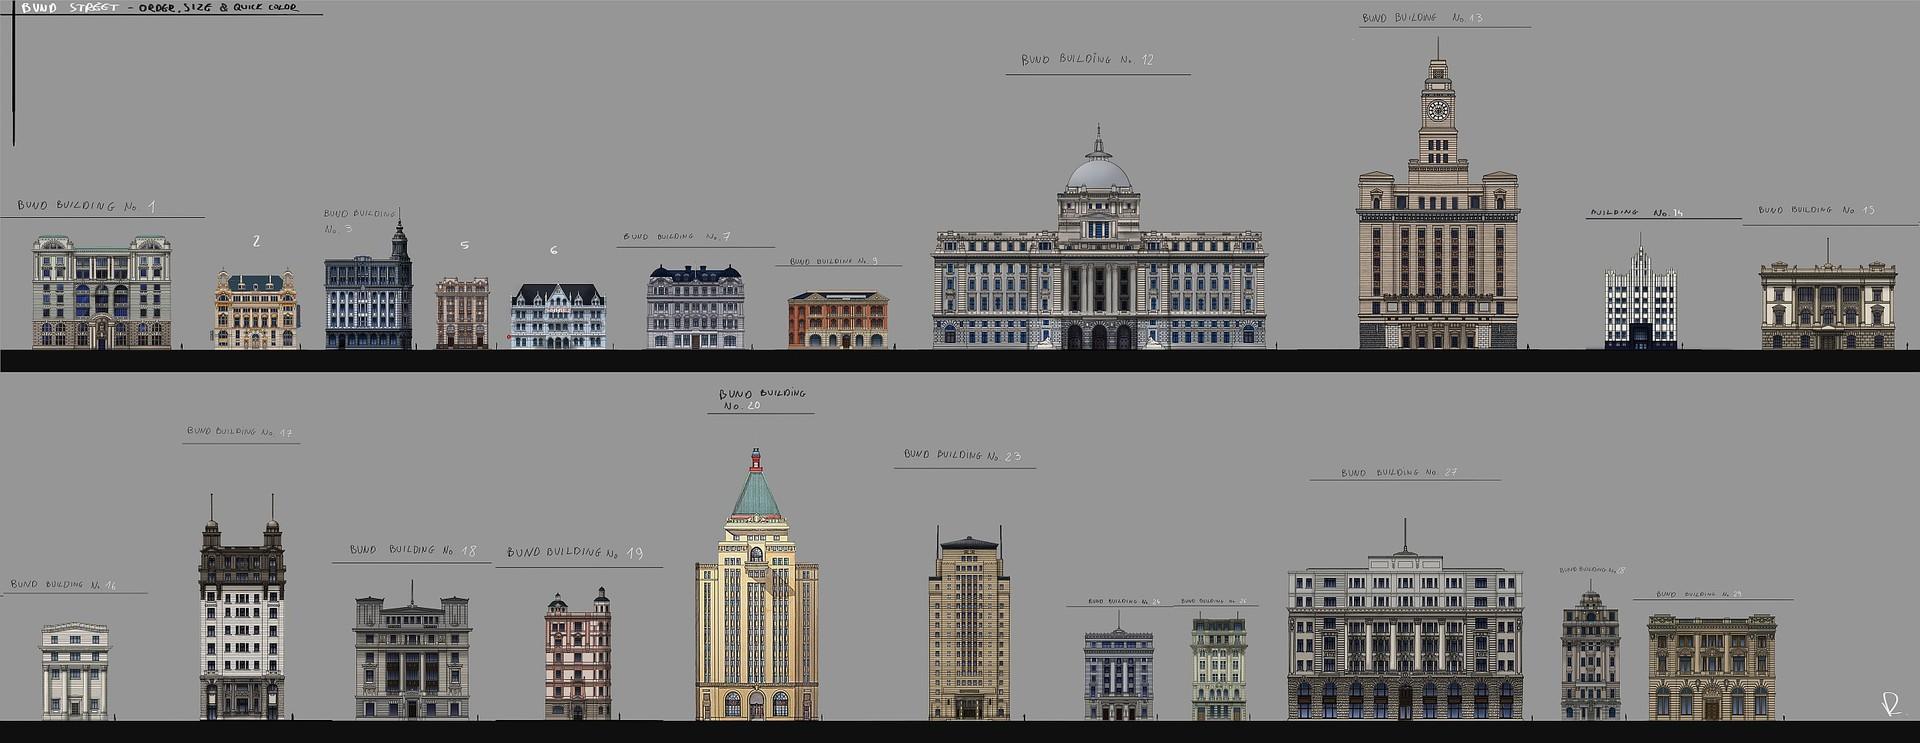 Marcin rubinkowski bund order